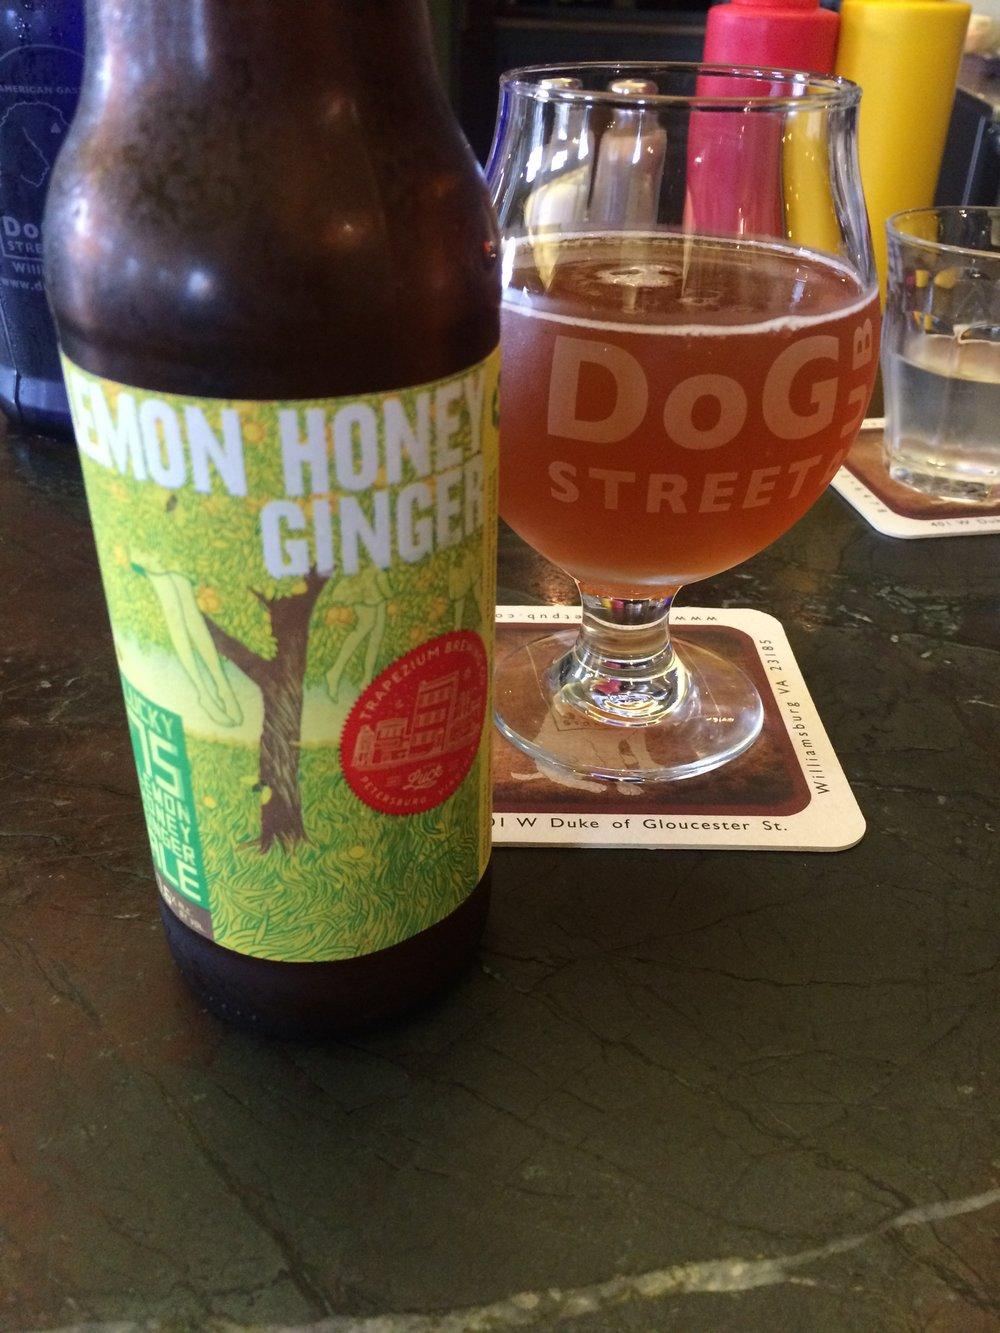 DoG-Street-beer-2.JPG